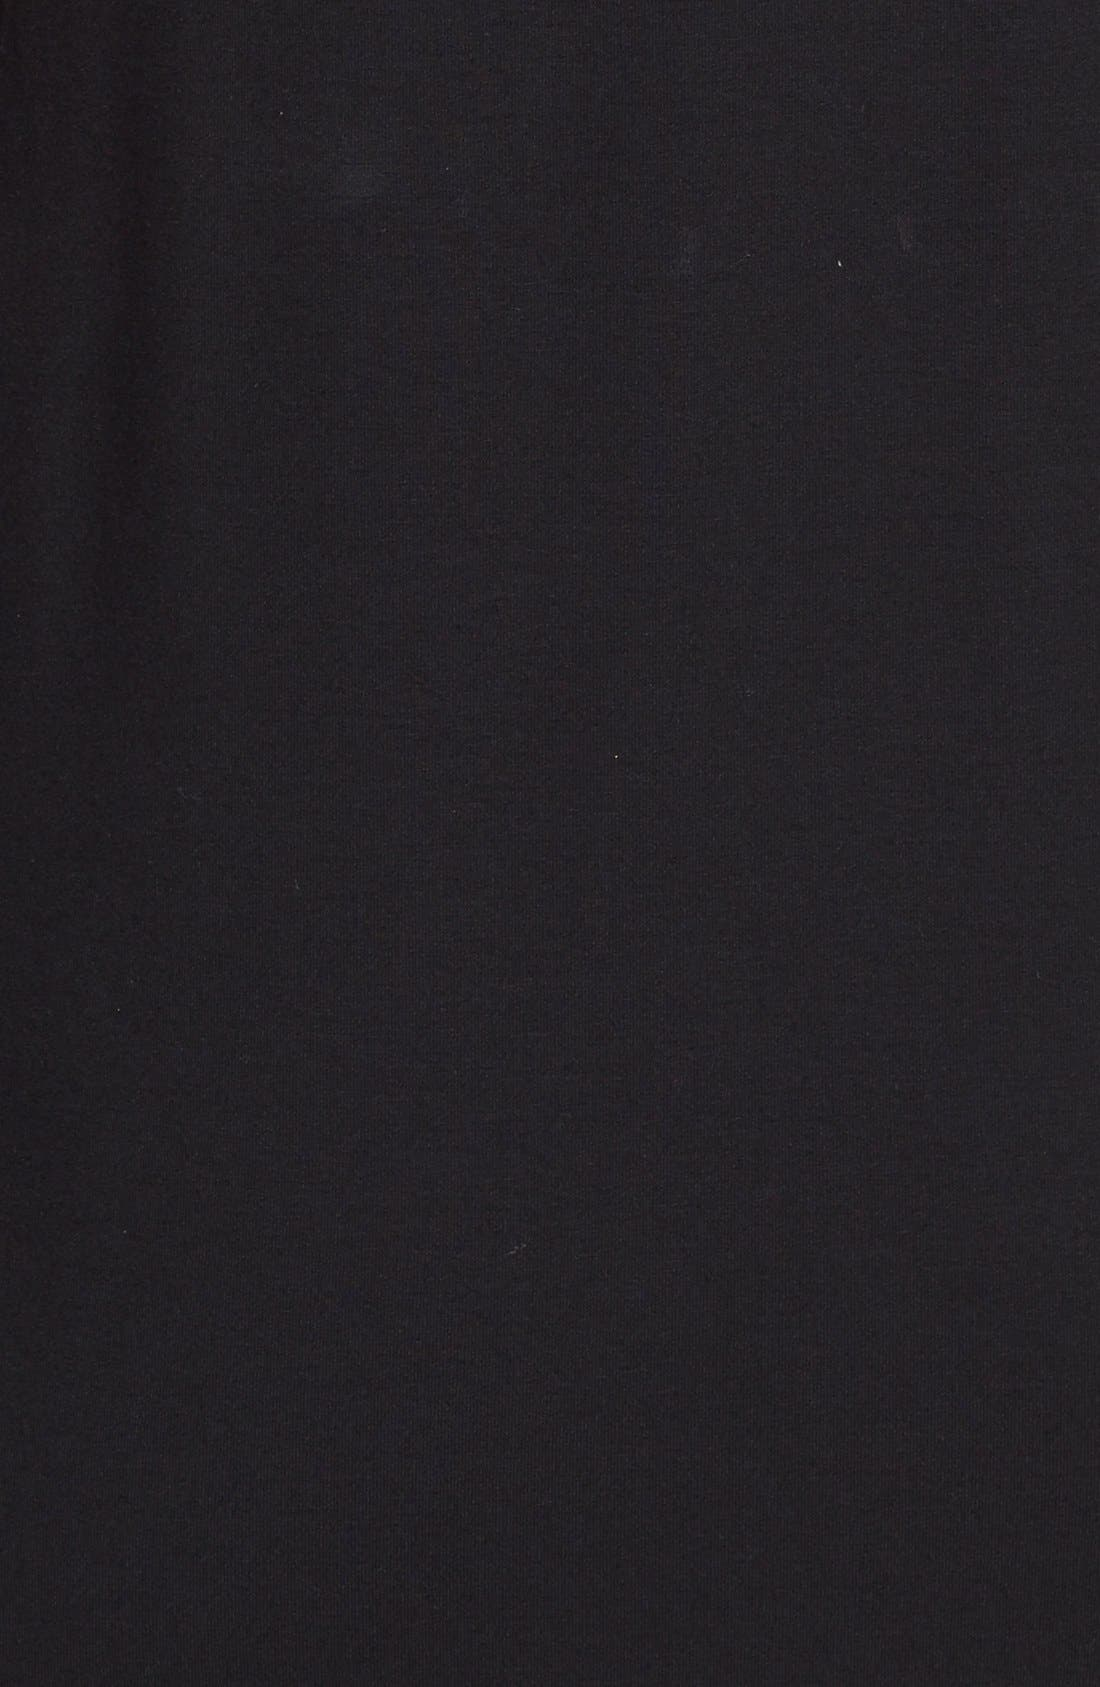 Alternate Image 3  - Eileen Fisher Scoop Neck Jersey Dress (Regular & Petite)